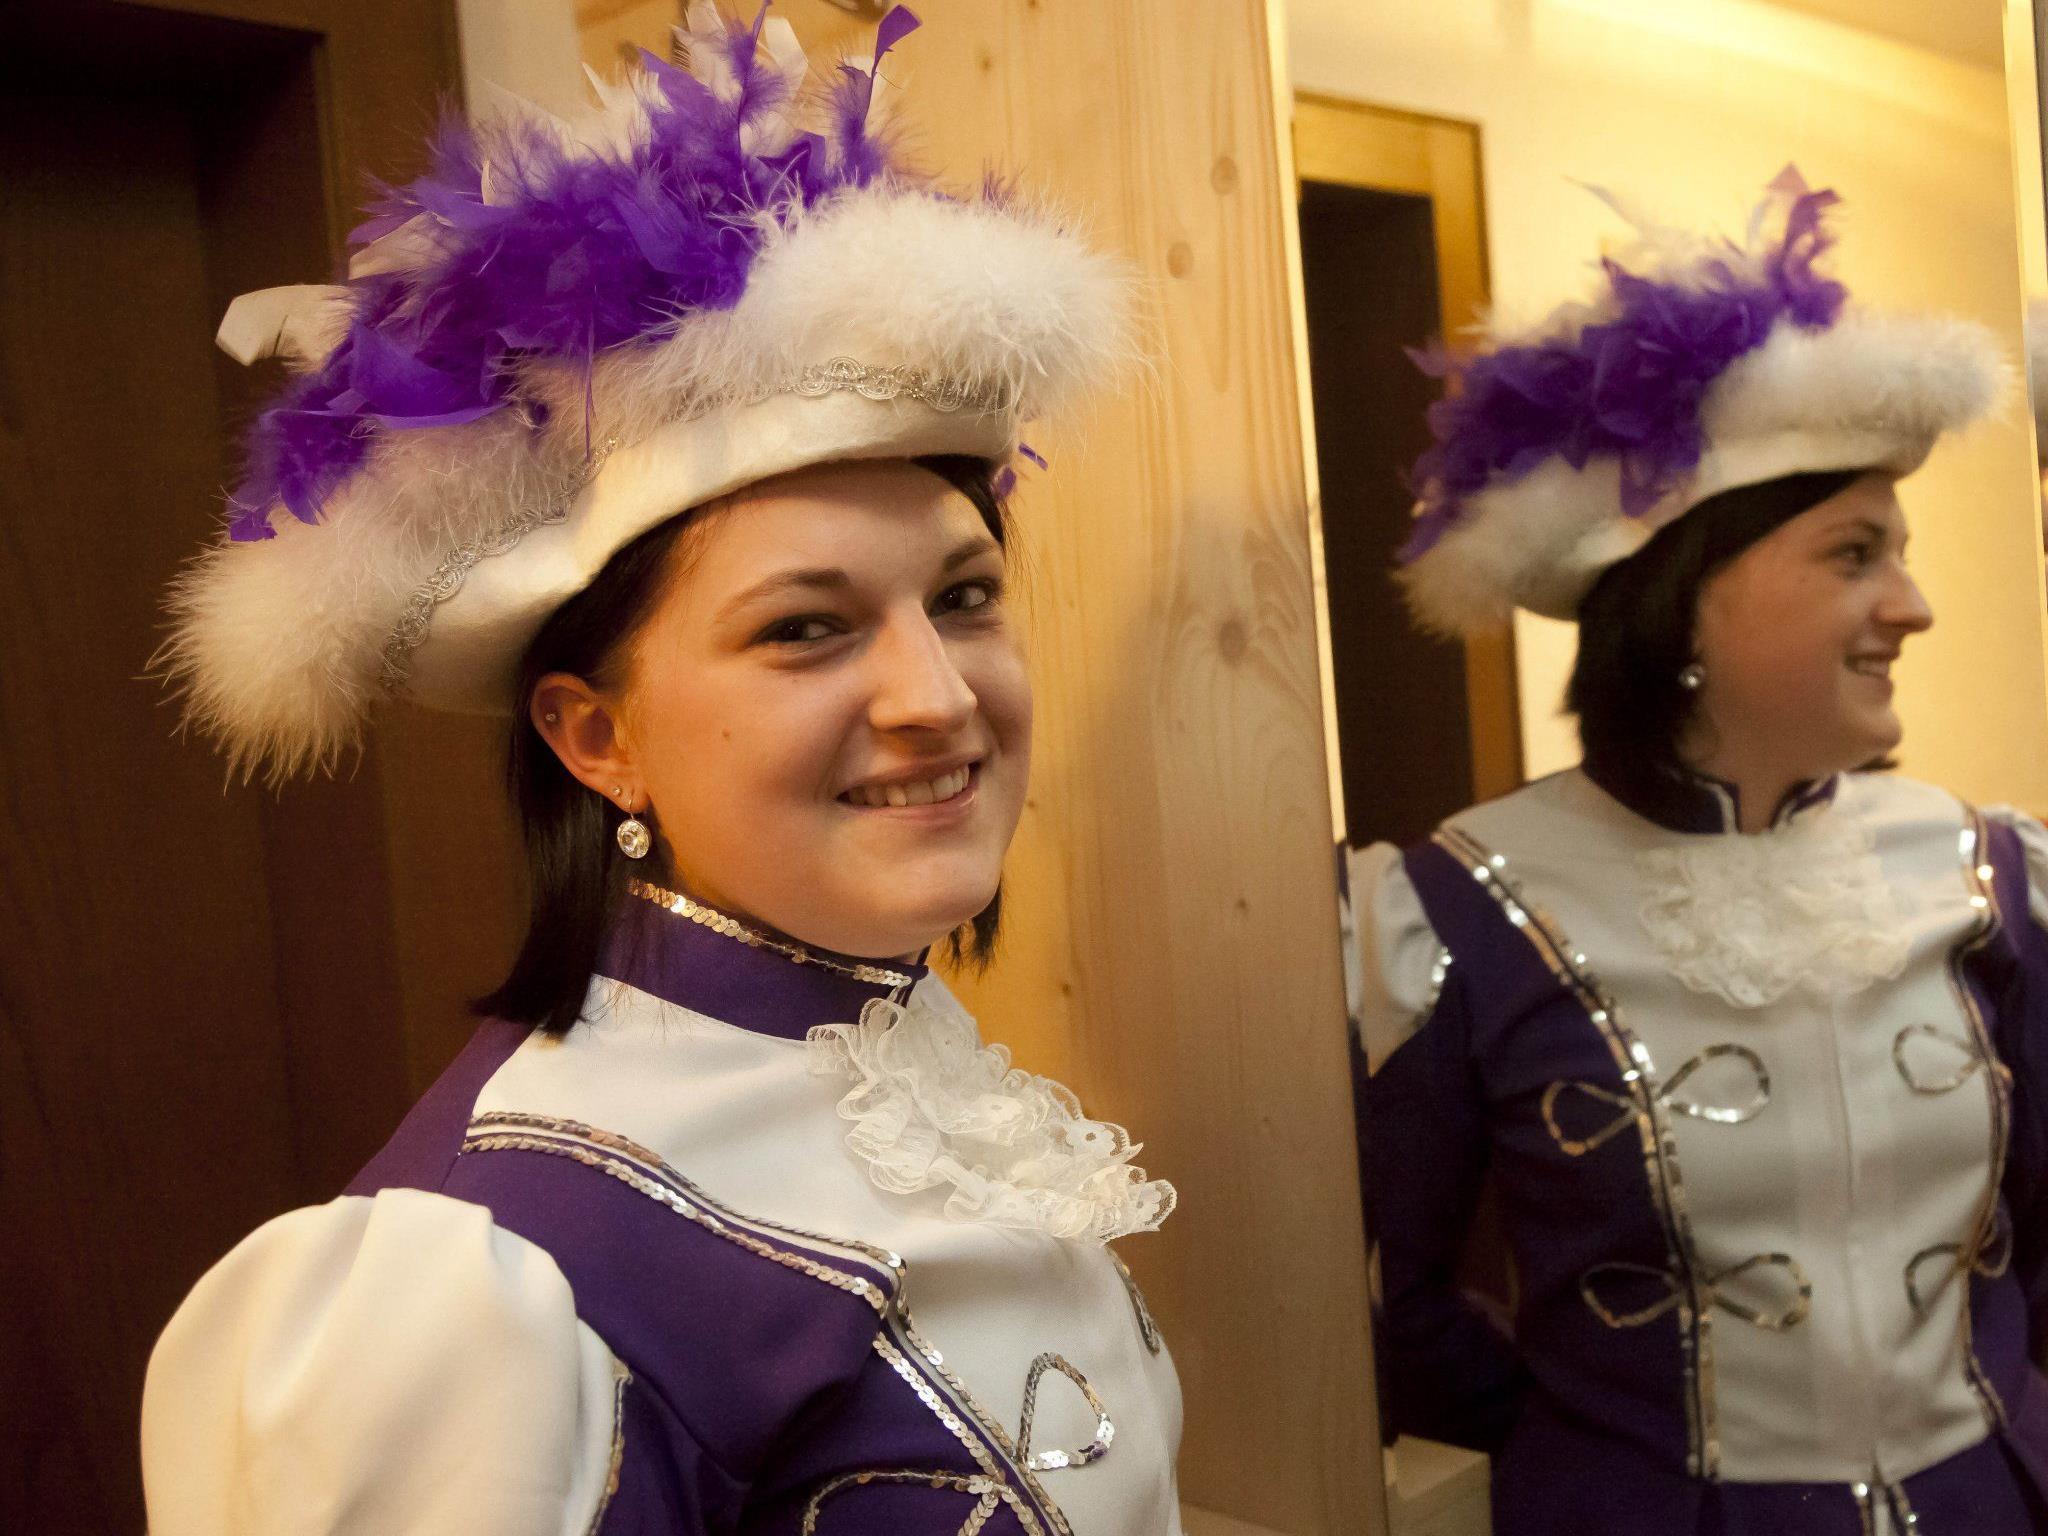 Heute startet Vorarlberg in den Fasching. Die hübsche Bregenzerwälderin Julia Keck präsentiert sich voller Stolz in ihrer Gardeuniform.